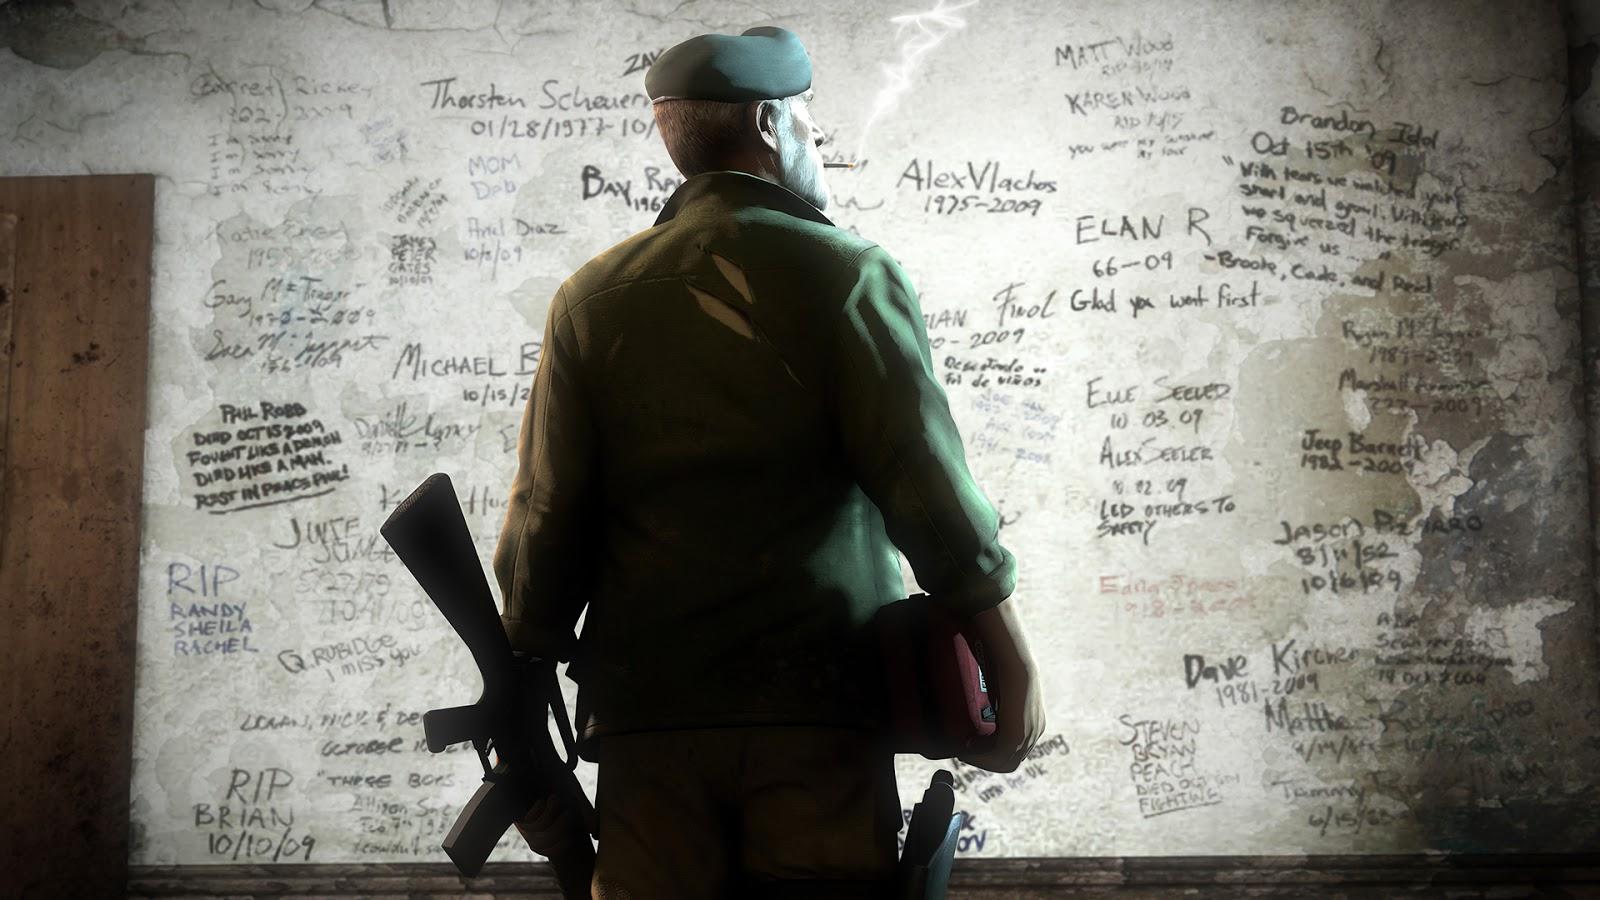 Criadores de Left 4 Dead anunciam novo jogo de zumbis chamado Back 4 Blood